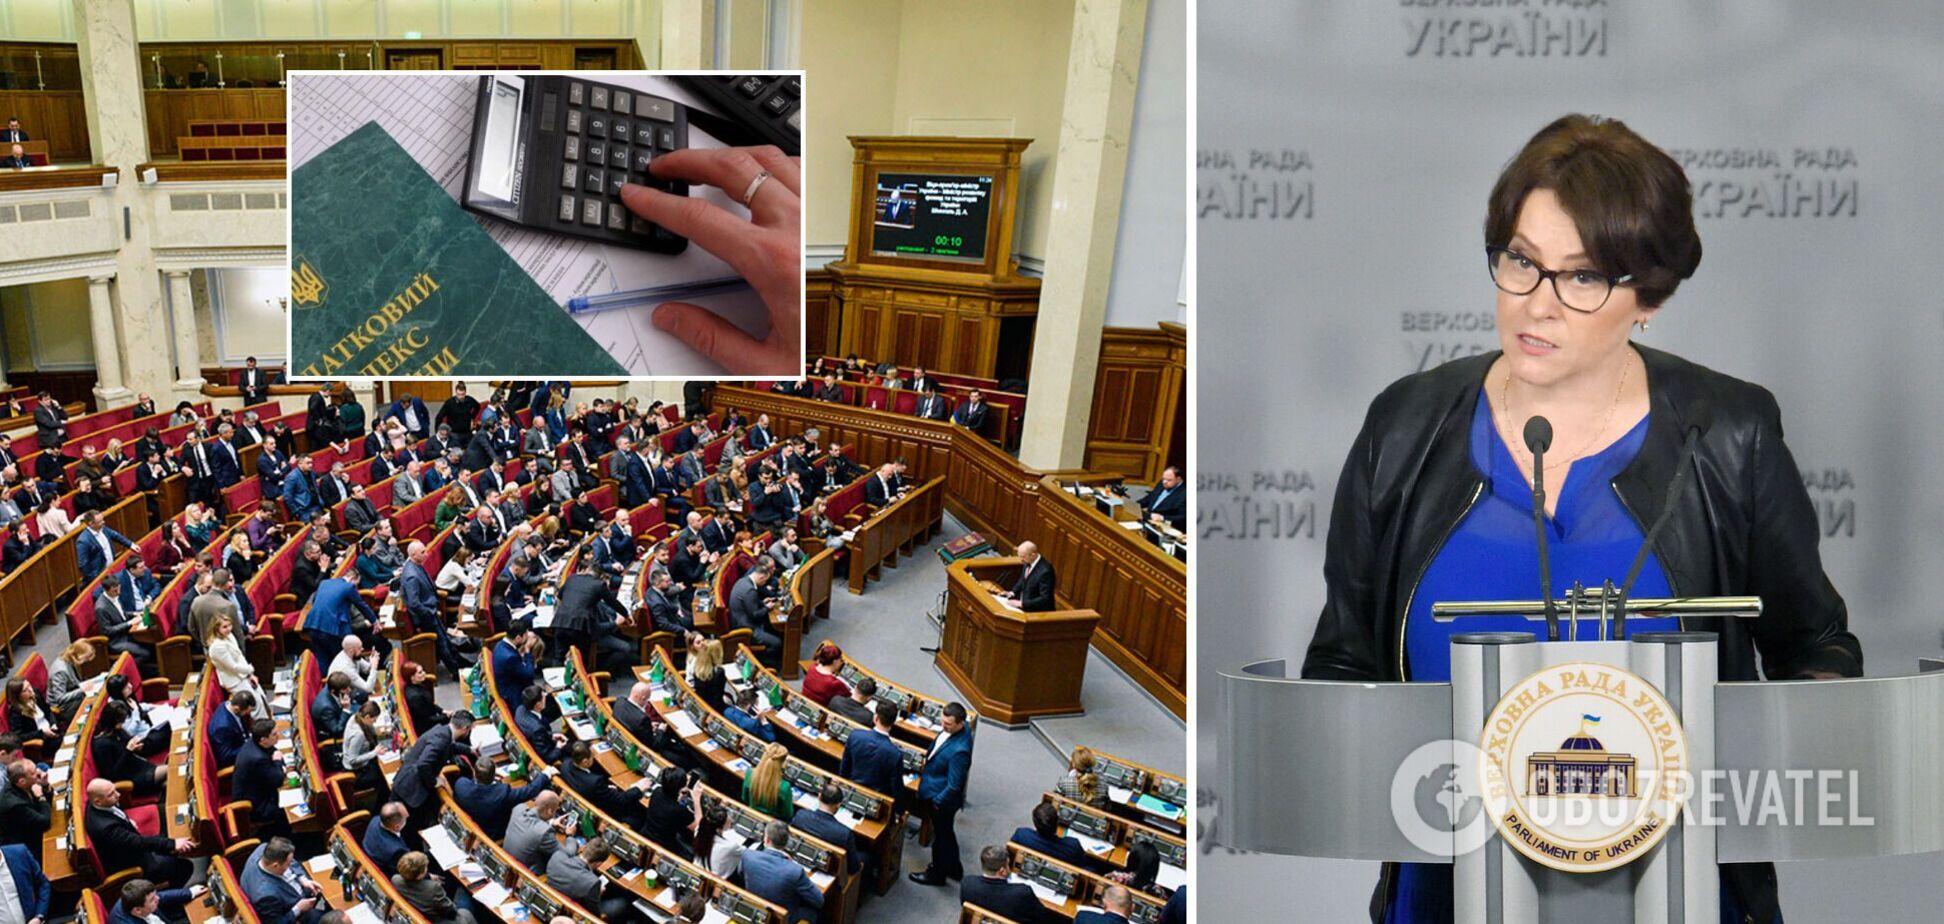 У Порошенка закликали владу ветувати закон про податкову амністію та ухвалити новий